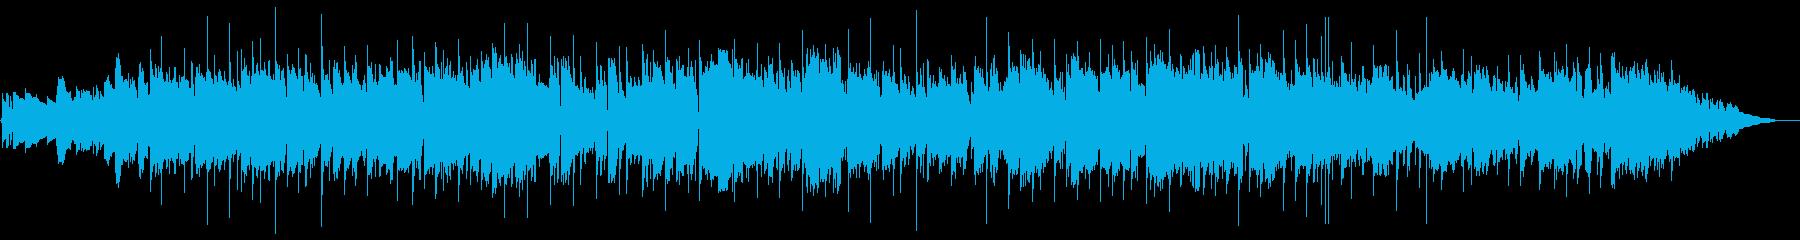 サックスをフィーチャーしたメロウブ...の再生済みの波形